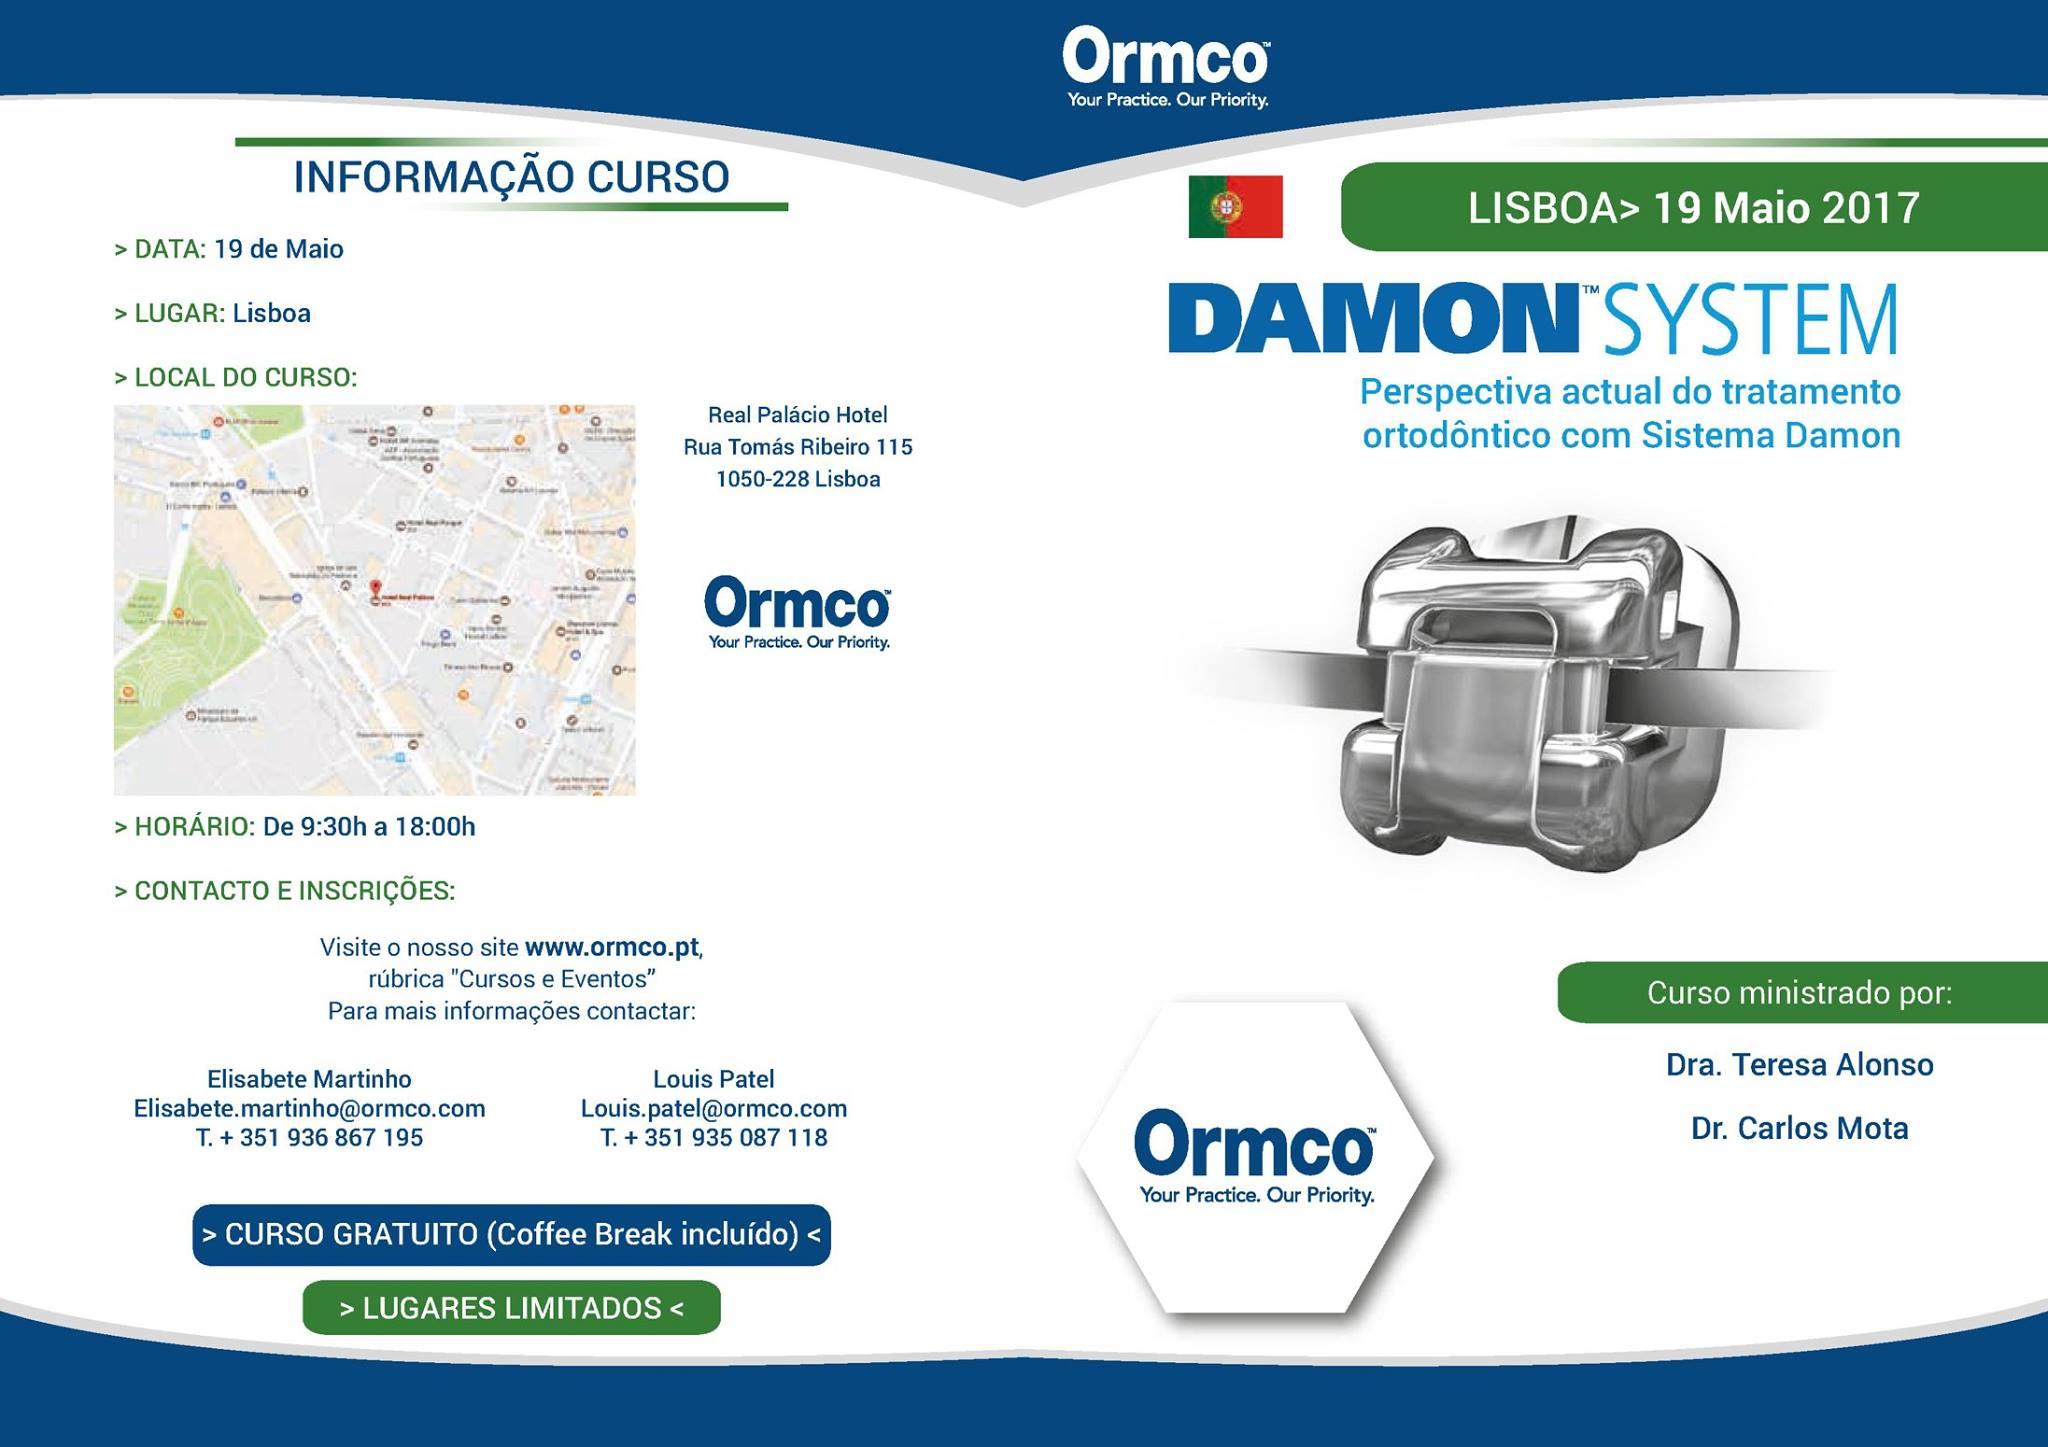 Imagem da notícia: Ormco organiza curso em Lisboa